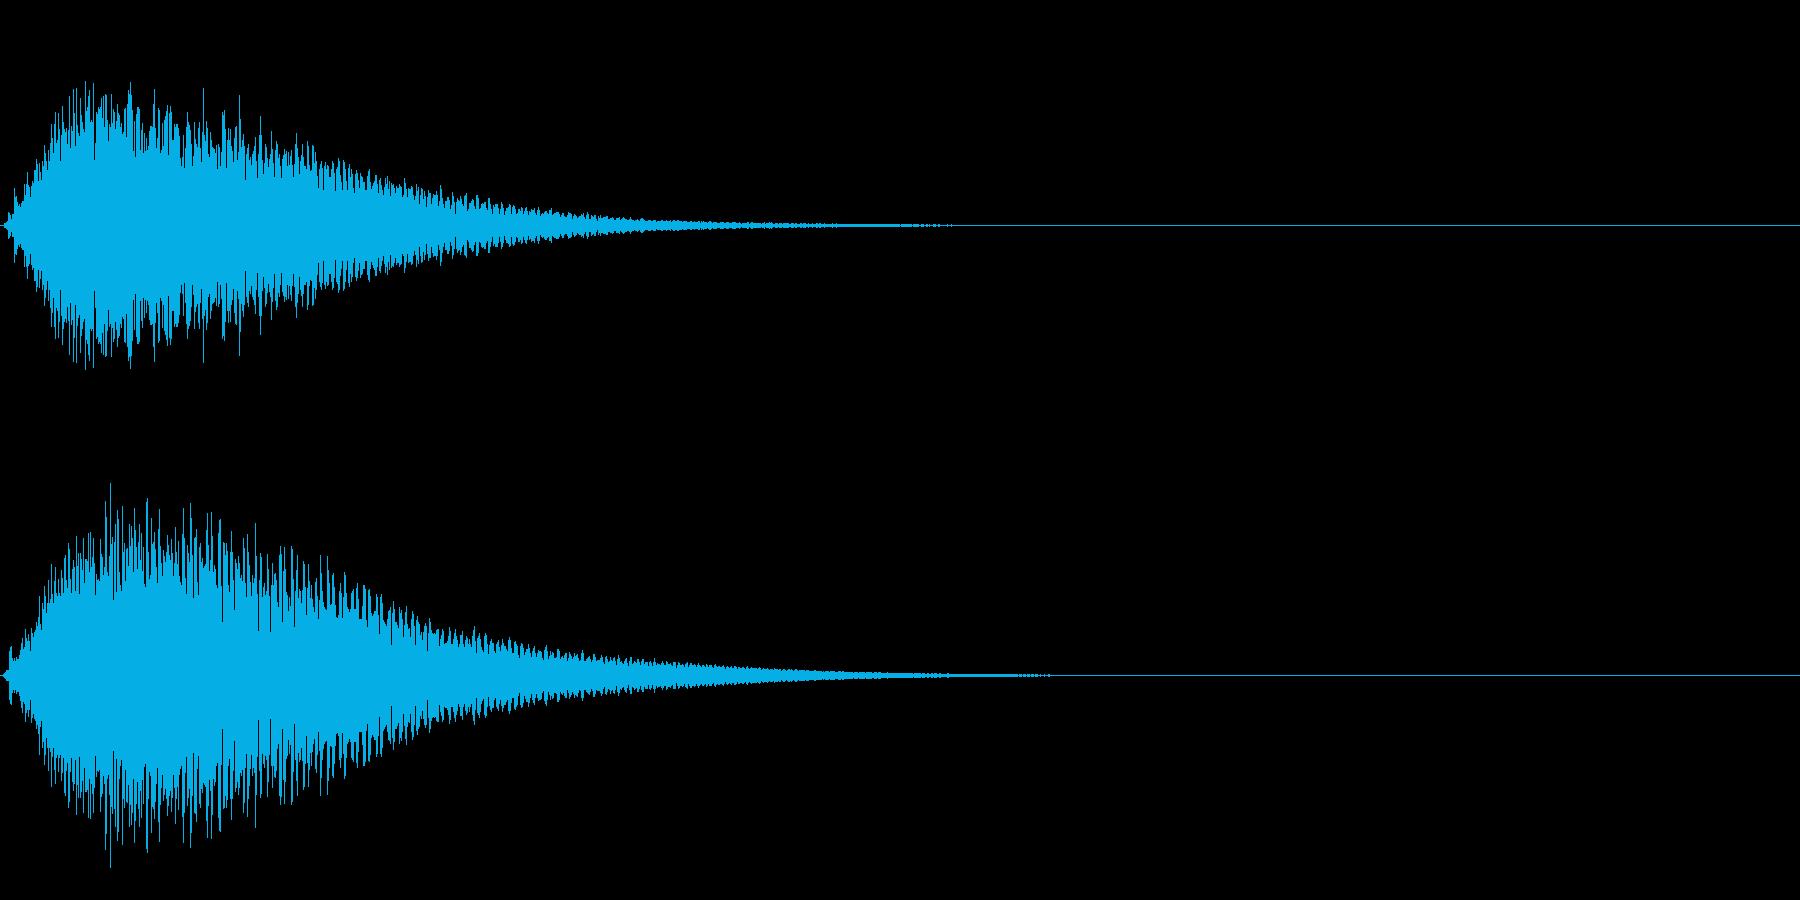 キュイン ボタン ピキーン キーン 4の再生済みの波形